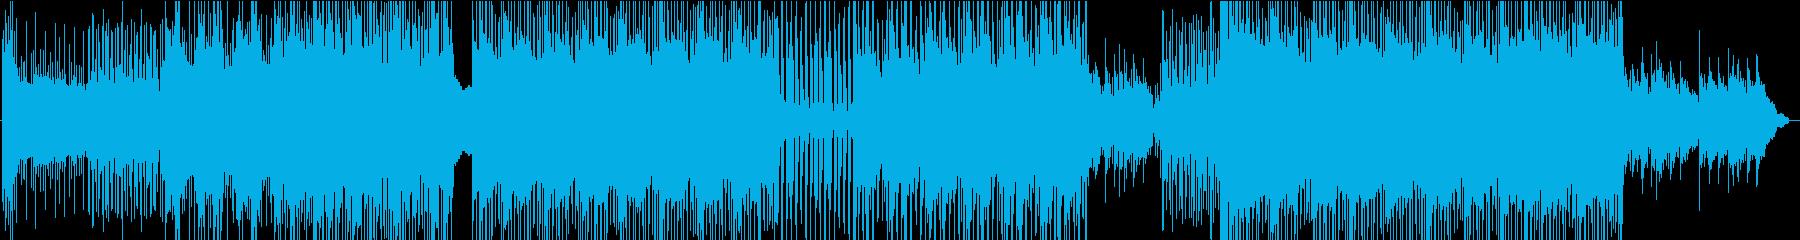 90年代風シティポップの再生済みの波形